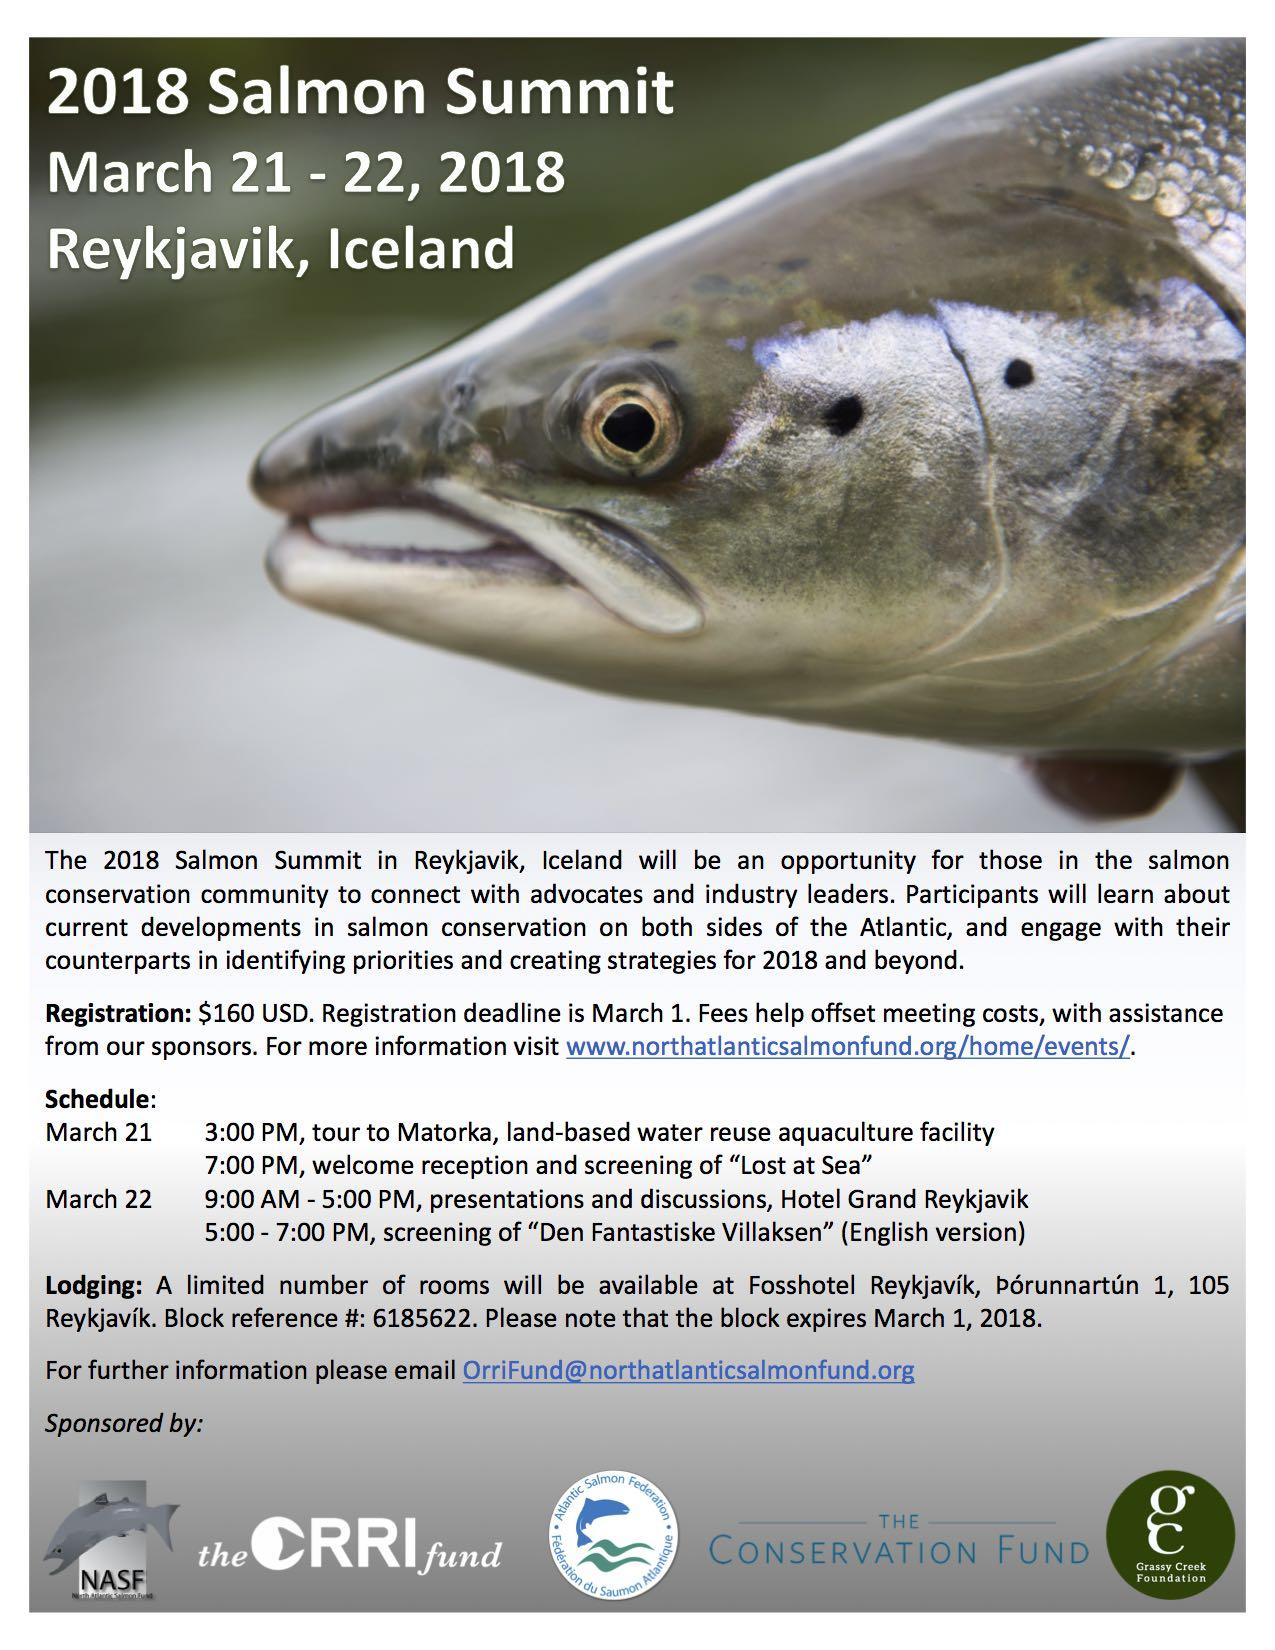 Salmon Summit Flyer 2018.jpg